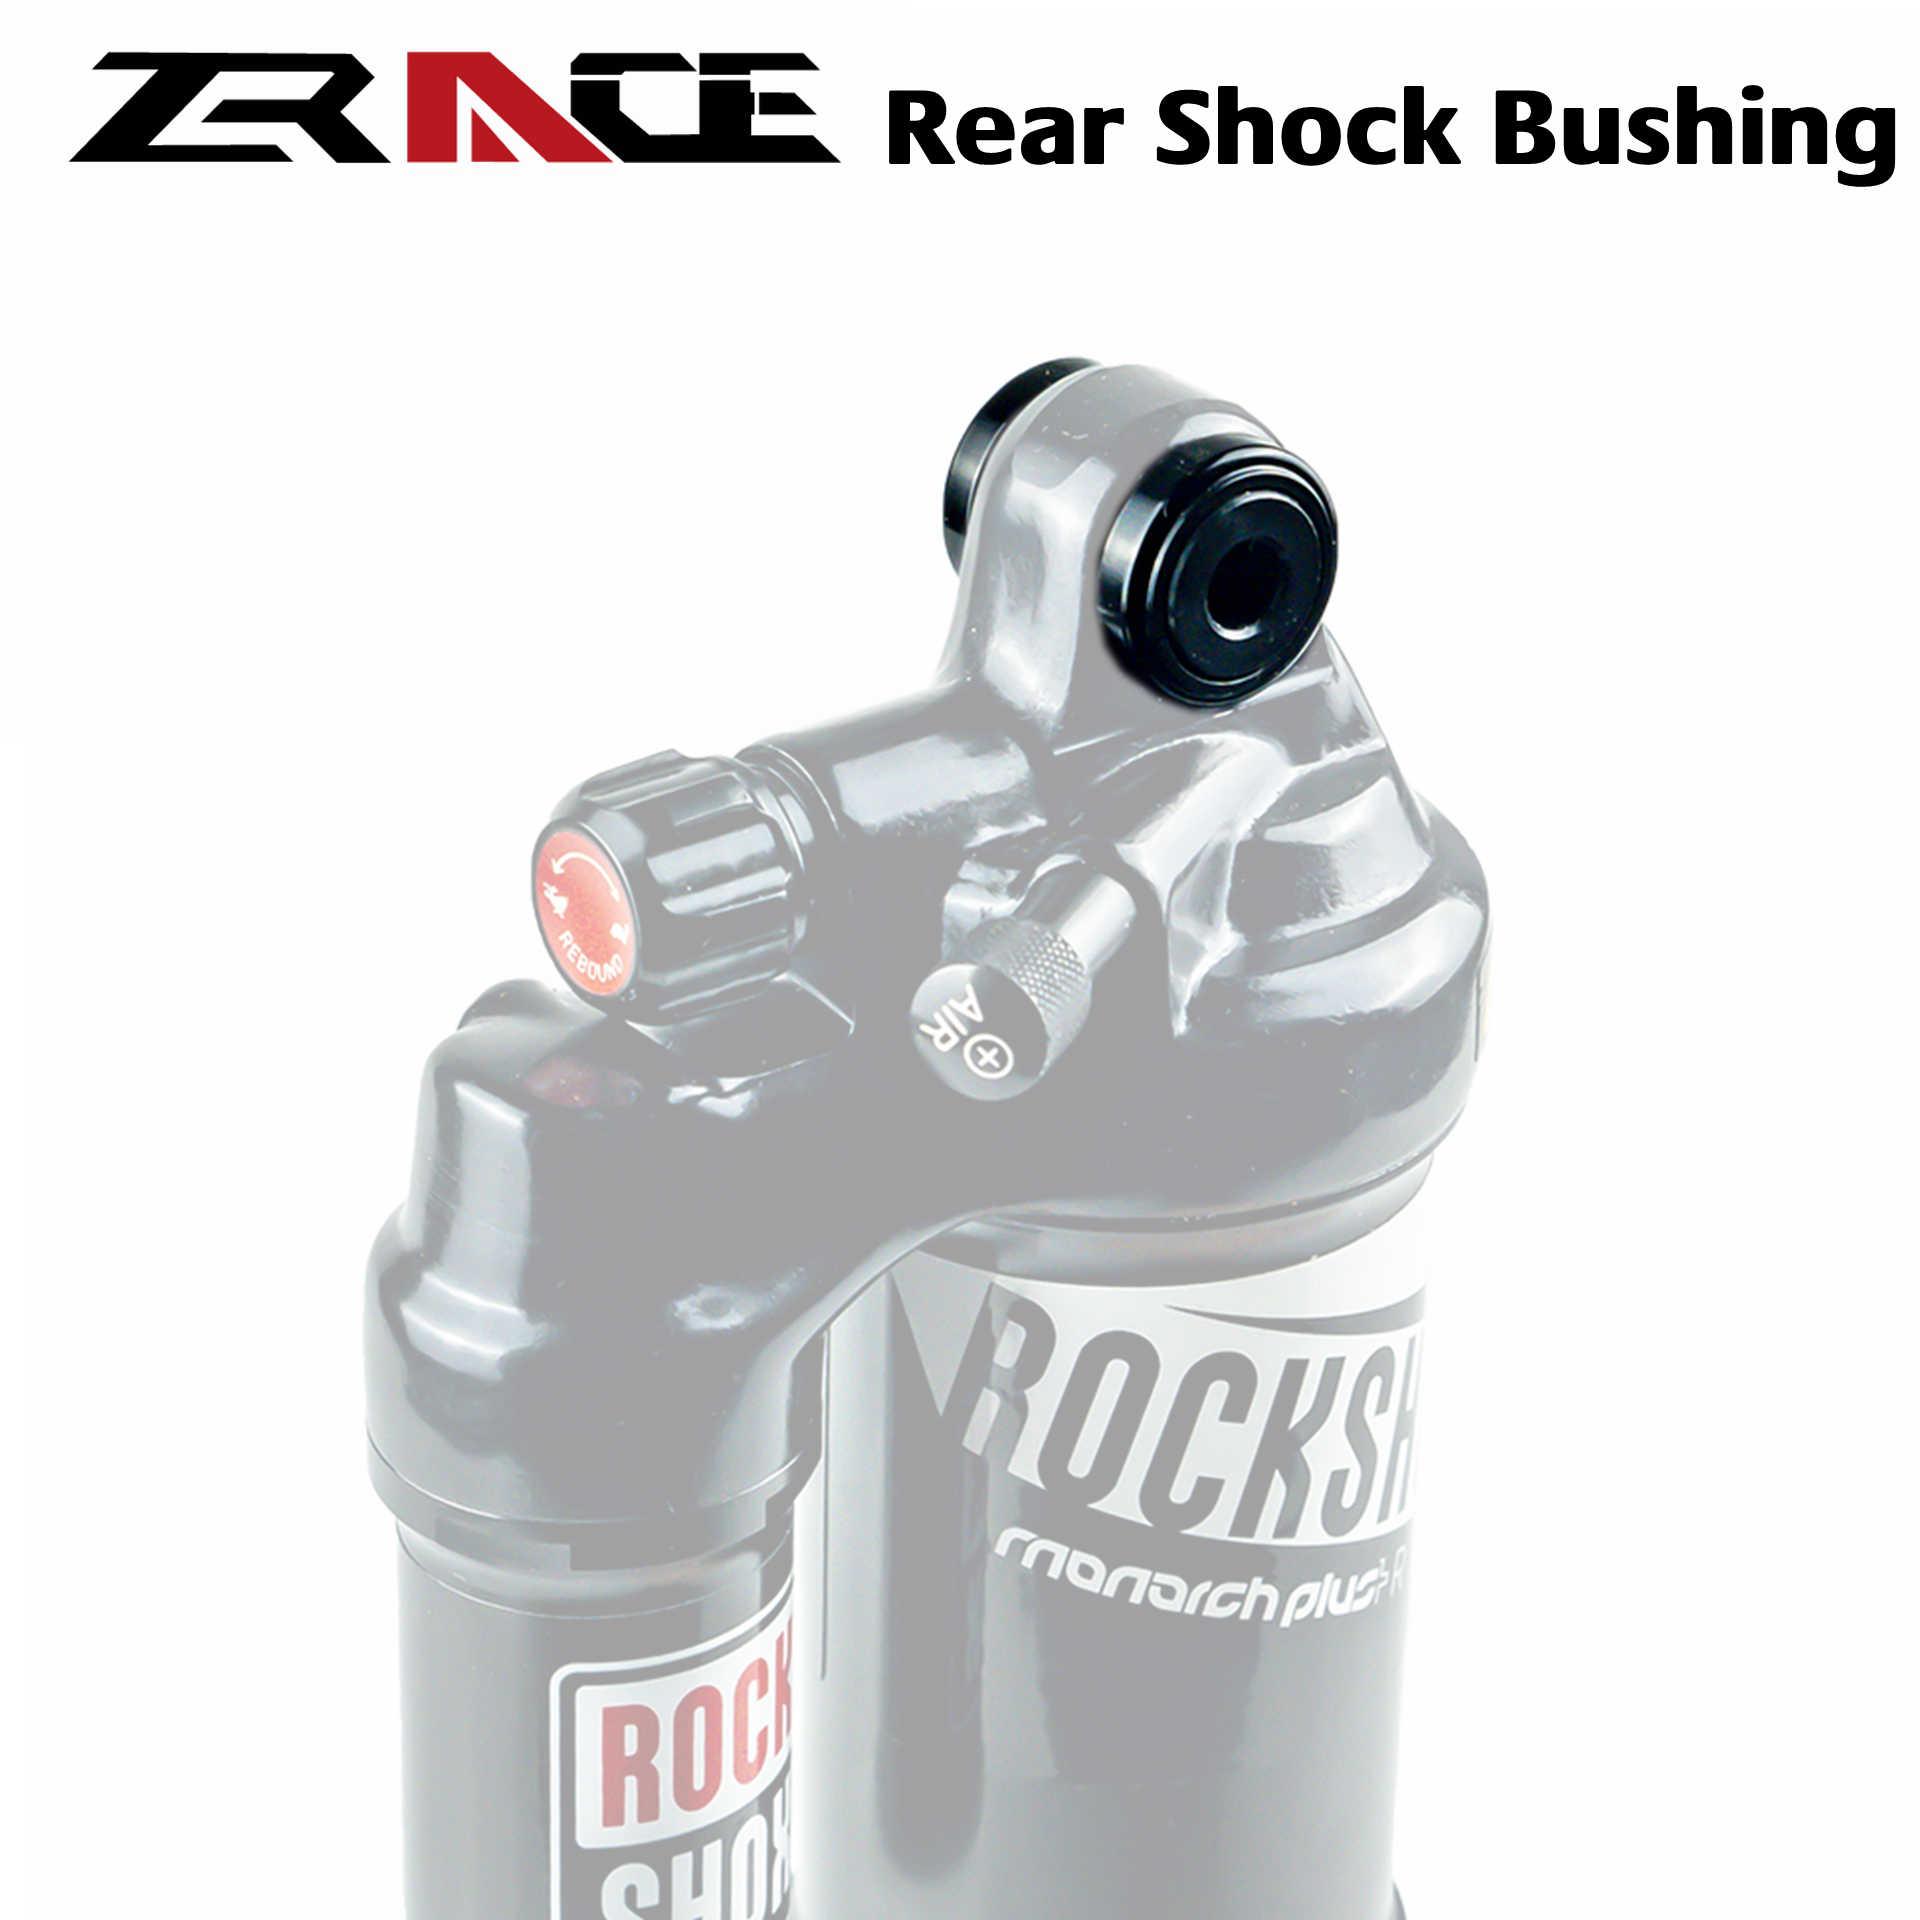 Zestaw tulei tylnego amortyzatora ZRACE dla wszystkich marek tylny amortyzator tylny tuleja do zawieszenia 22.2mm/24mm/25.4mm/38mm/41.4mm